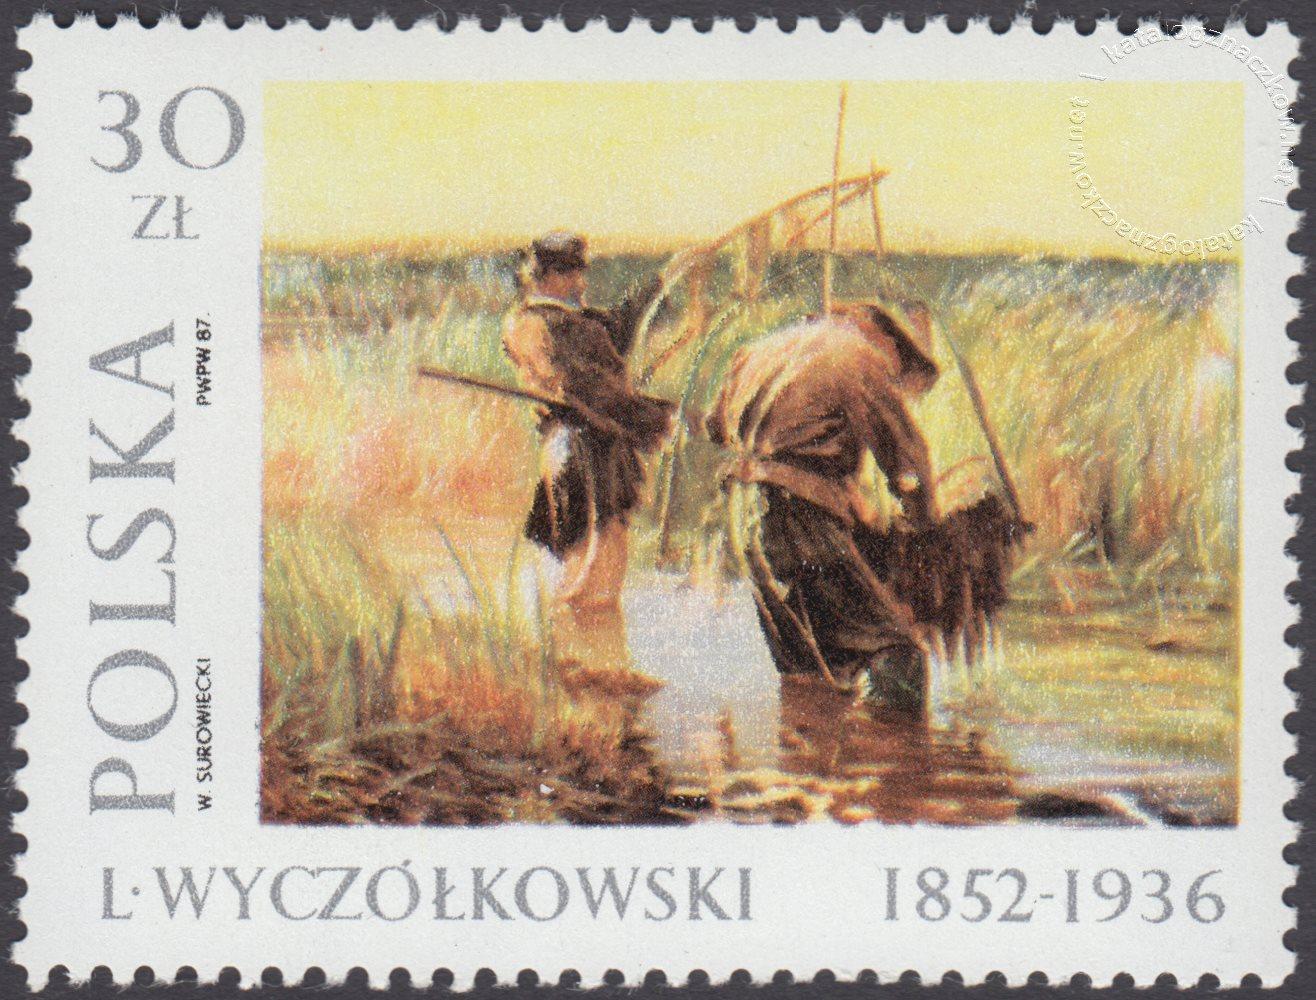 Malarstwo polskie – Leon Wyczółkowski znaczek nr 2938